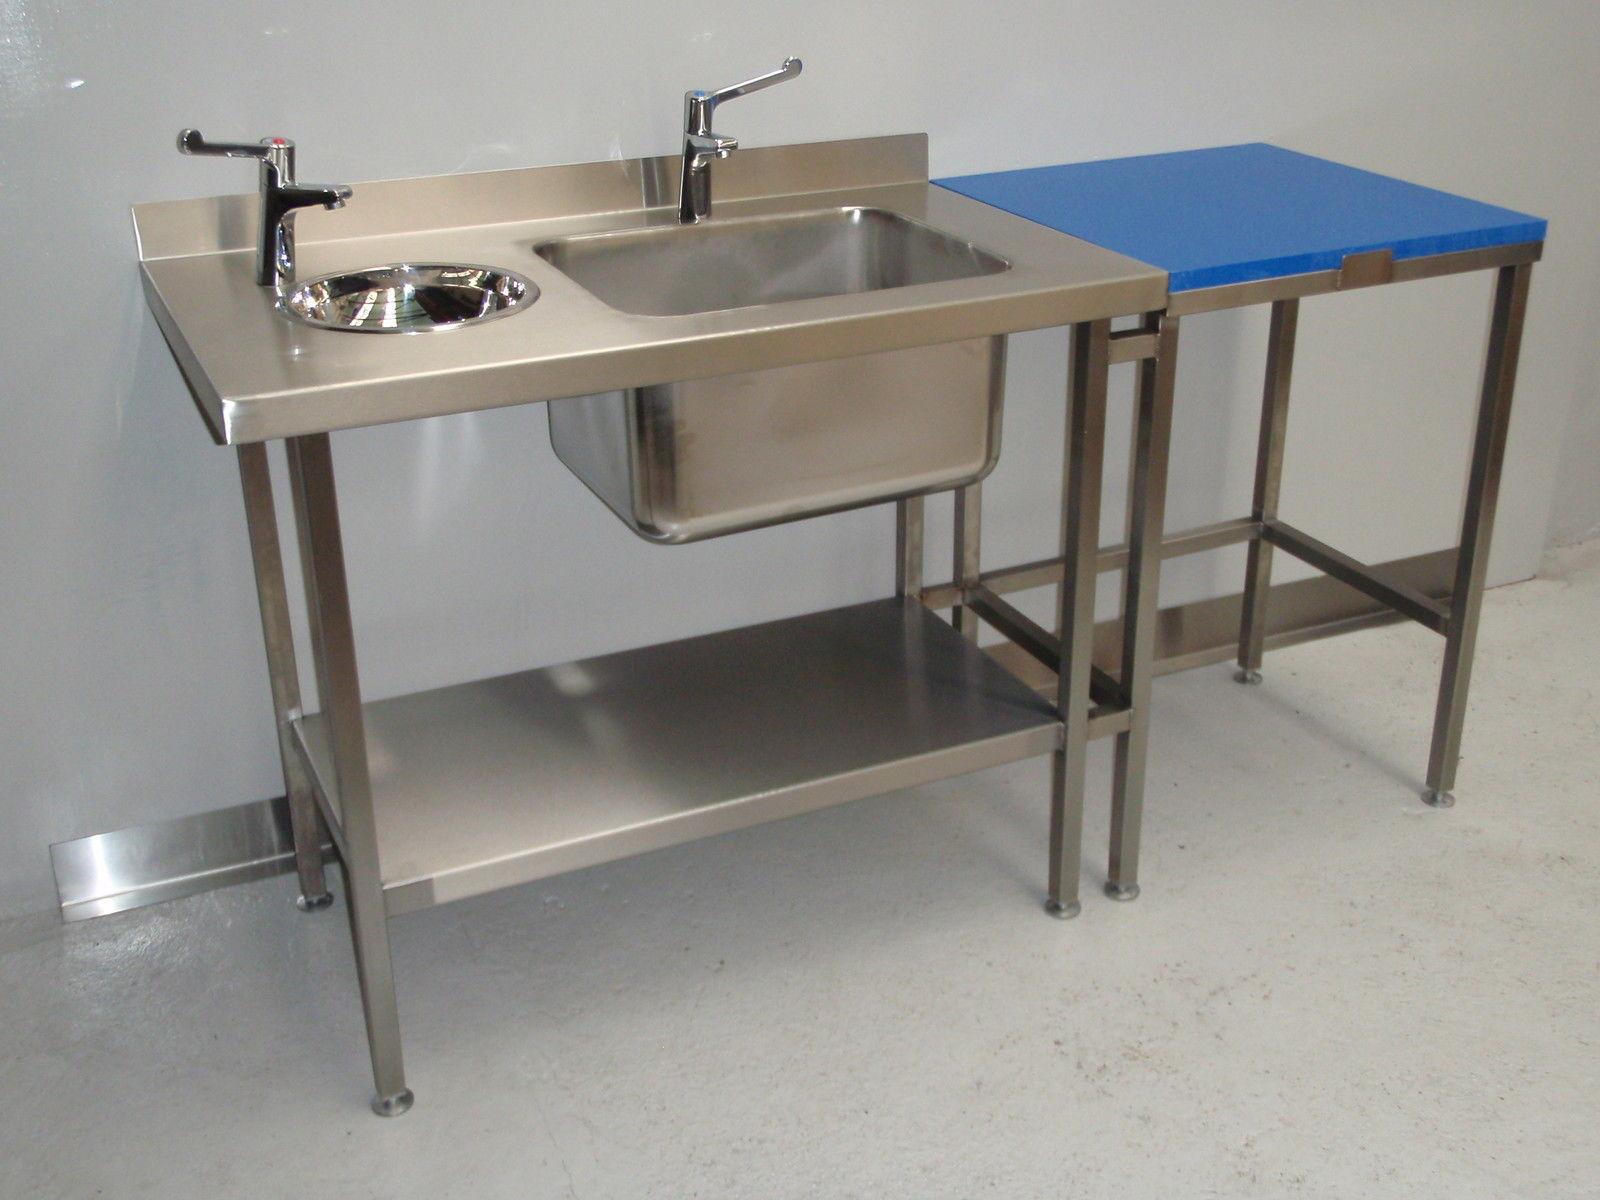 Daftar Perlengkapan Dapur Resto Murah Bahan Stainless Meja Sink